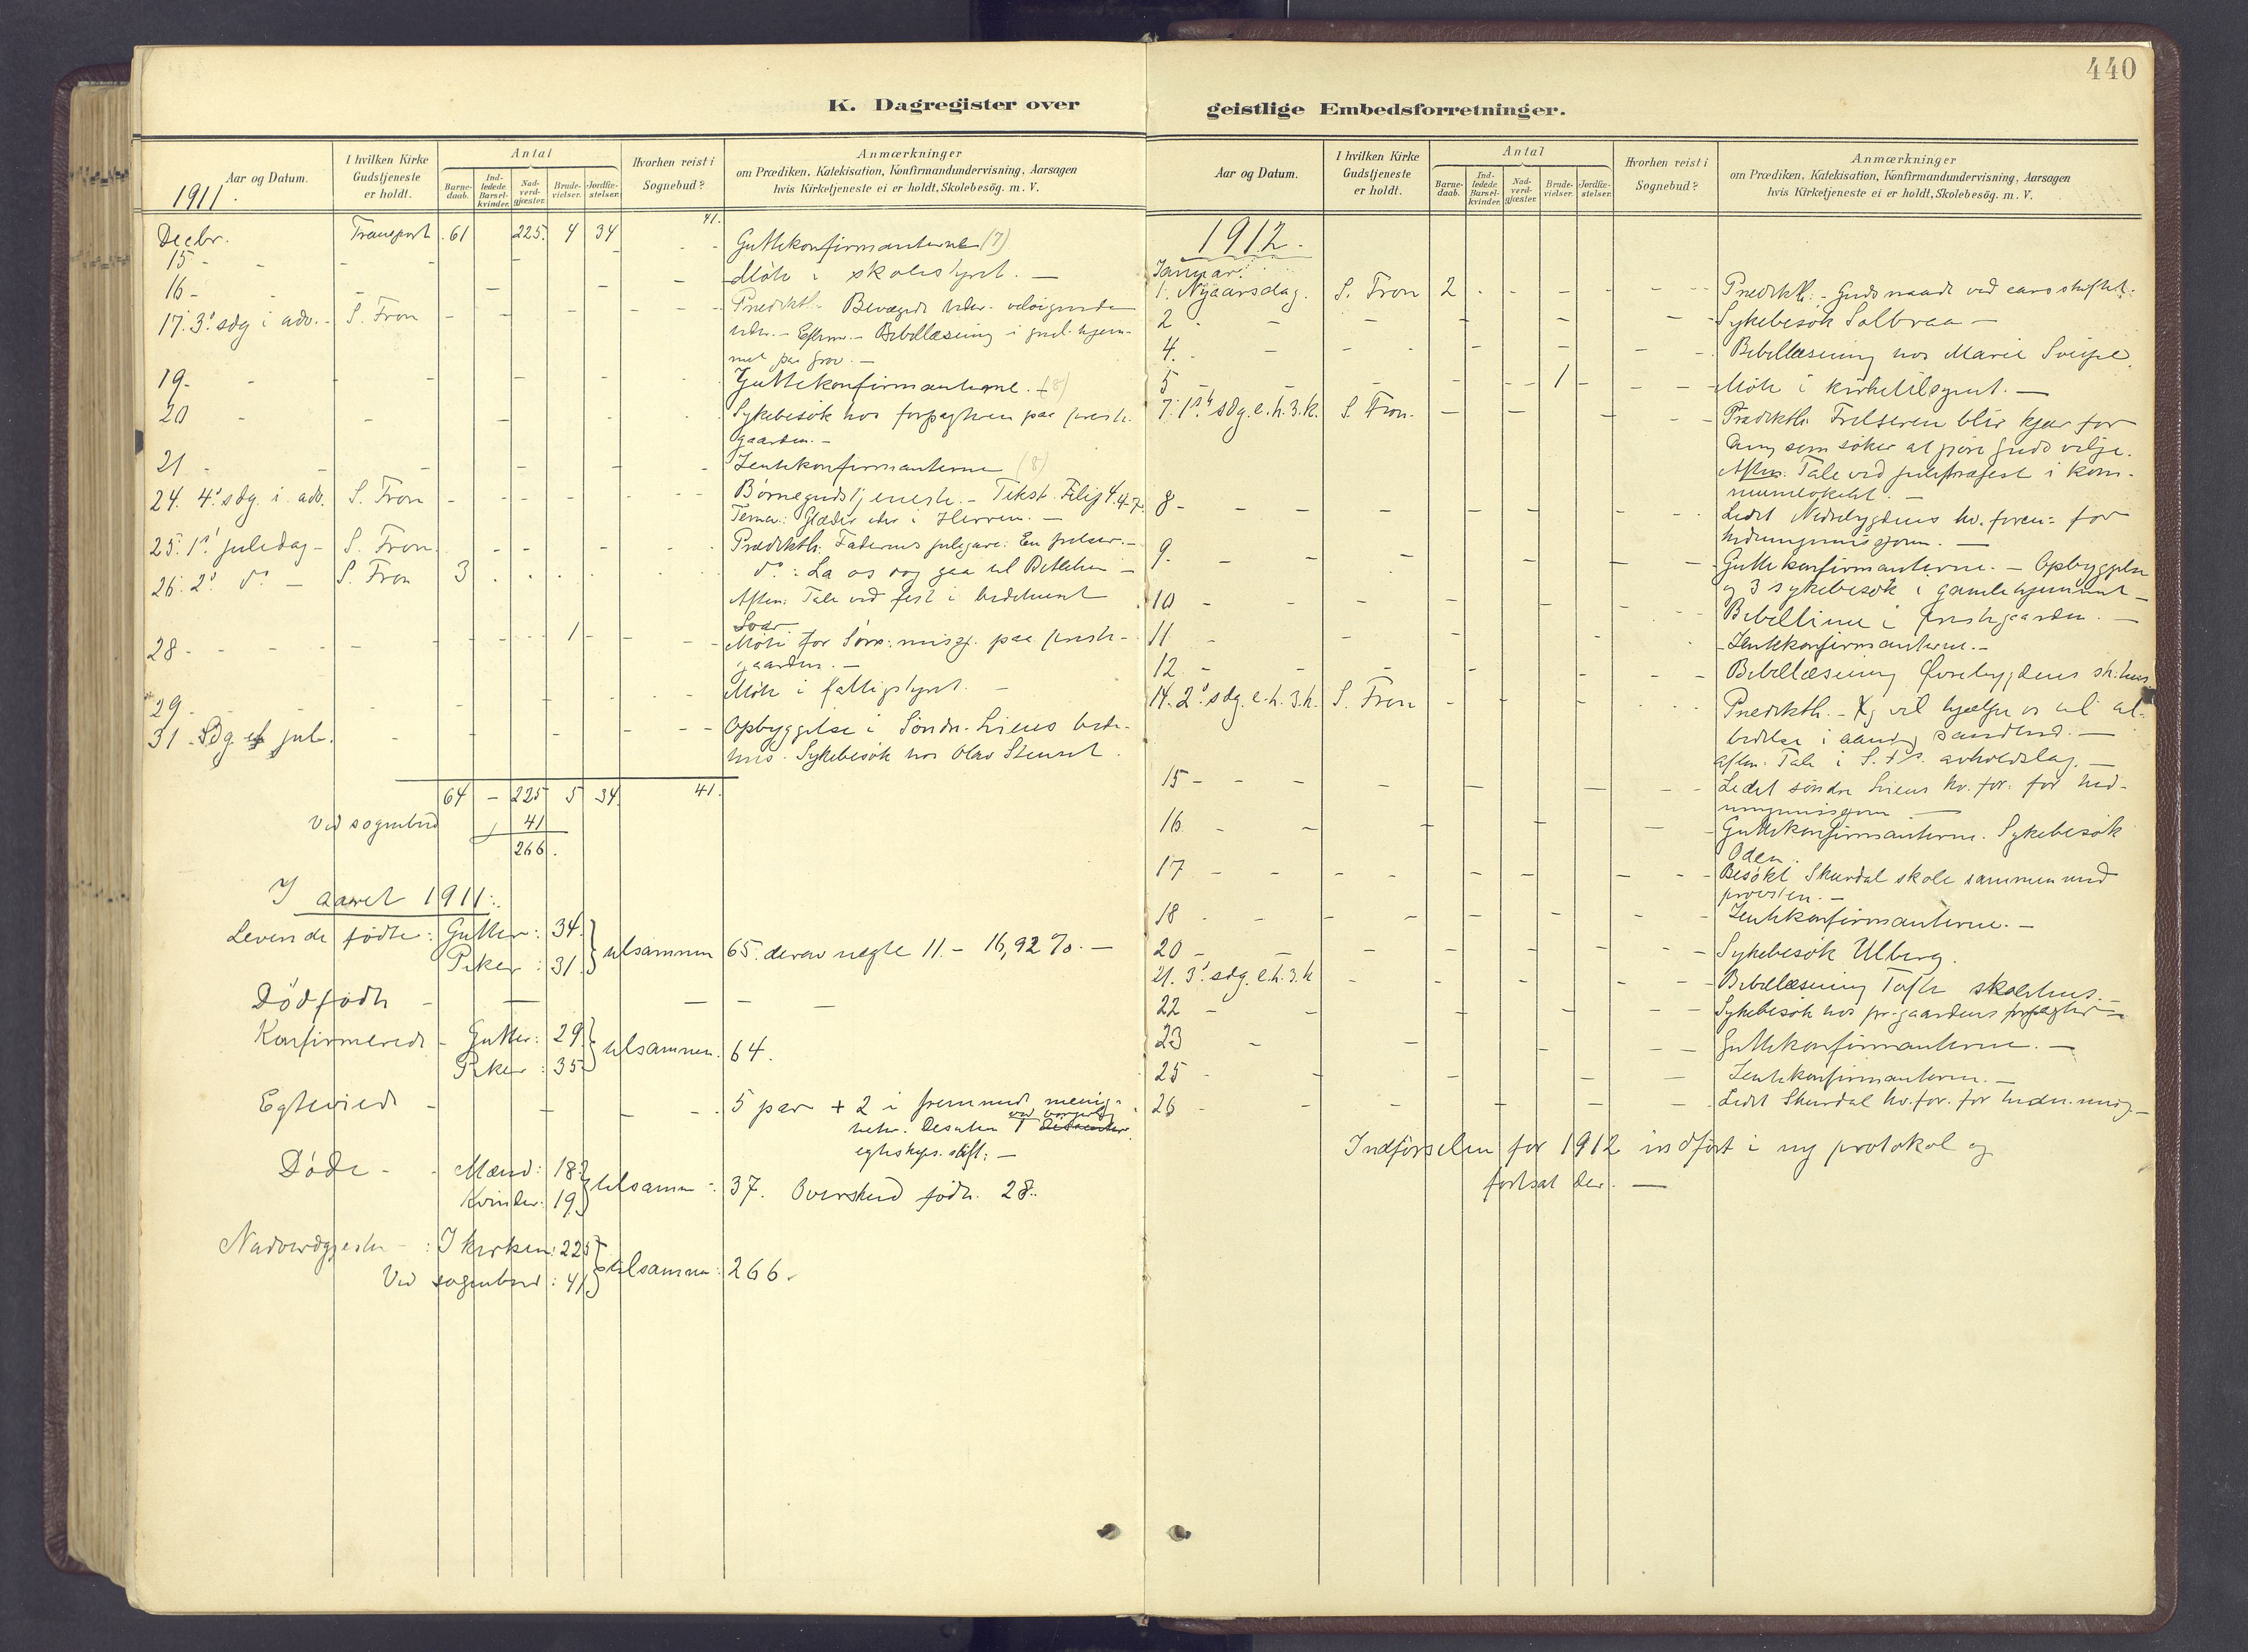 SAH, Sør-Fron prestekontor, H/Ha/Haa/L0004: Ministerialbok nr. 4, 1898-1919, s. 440